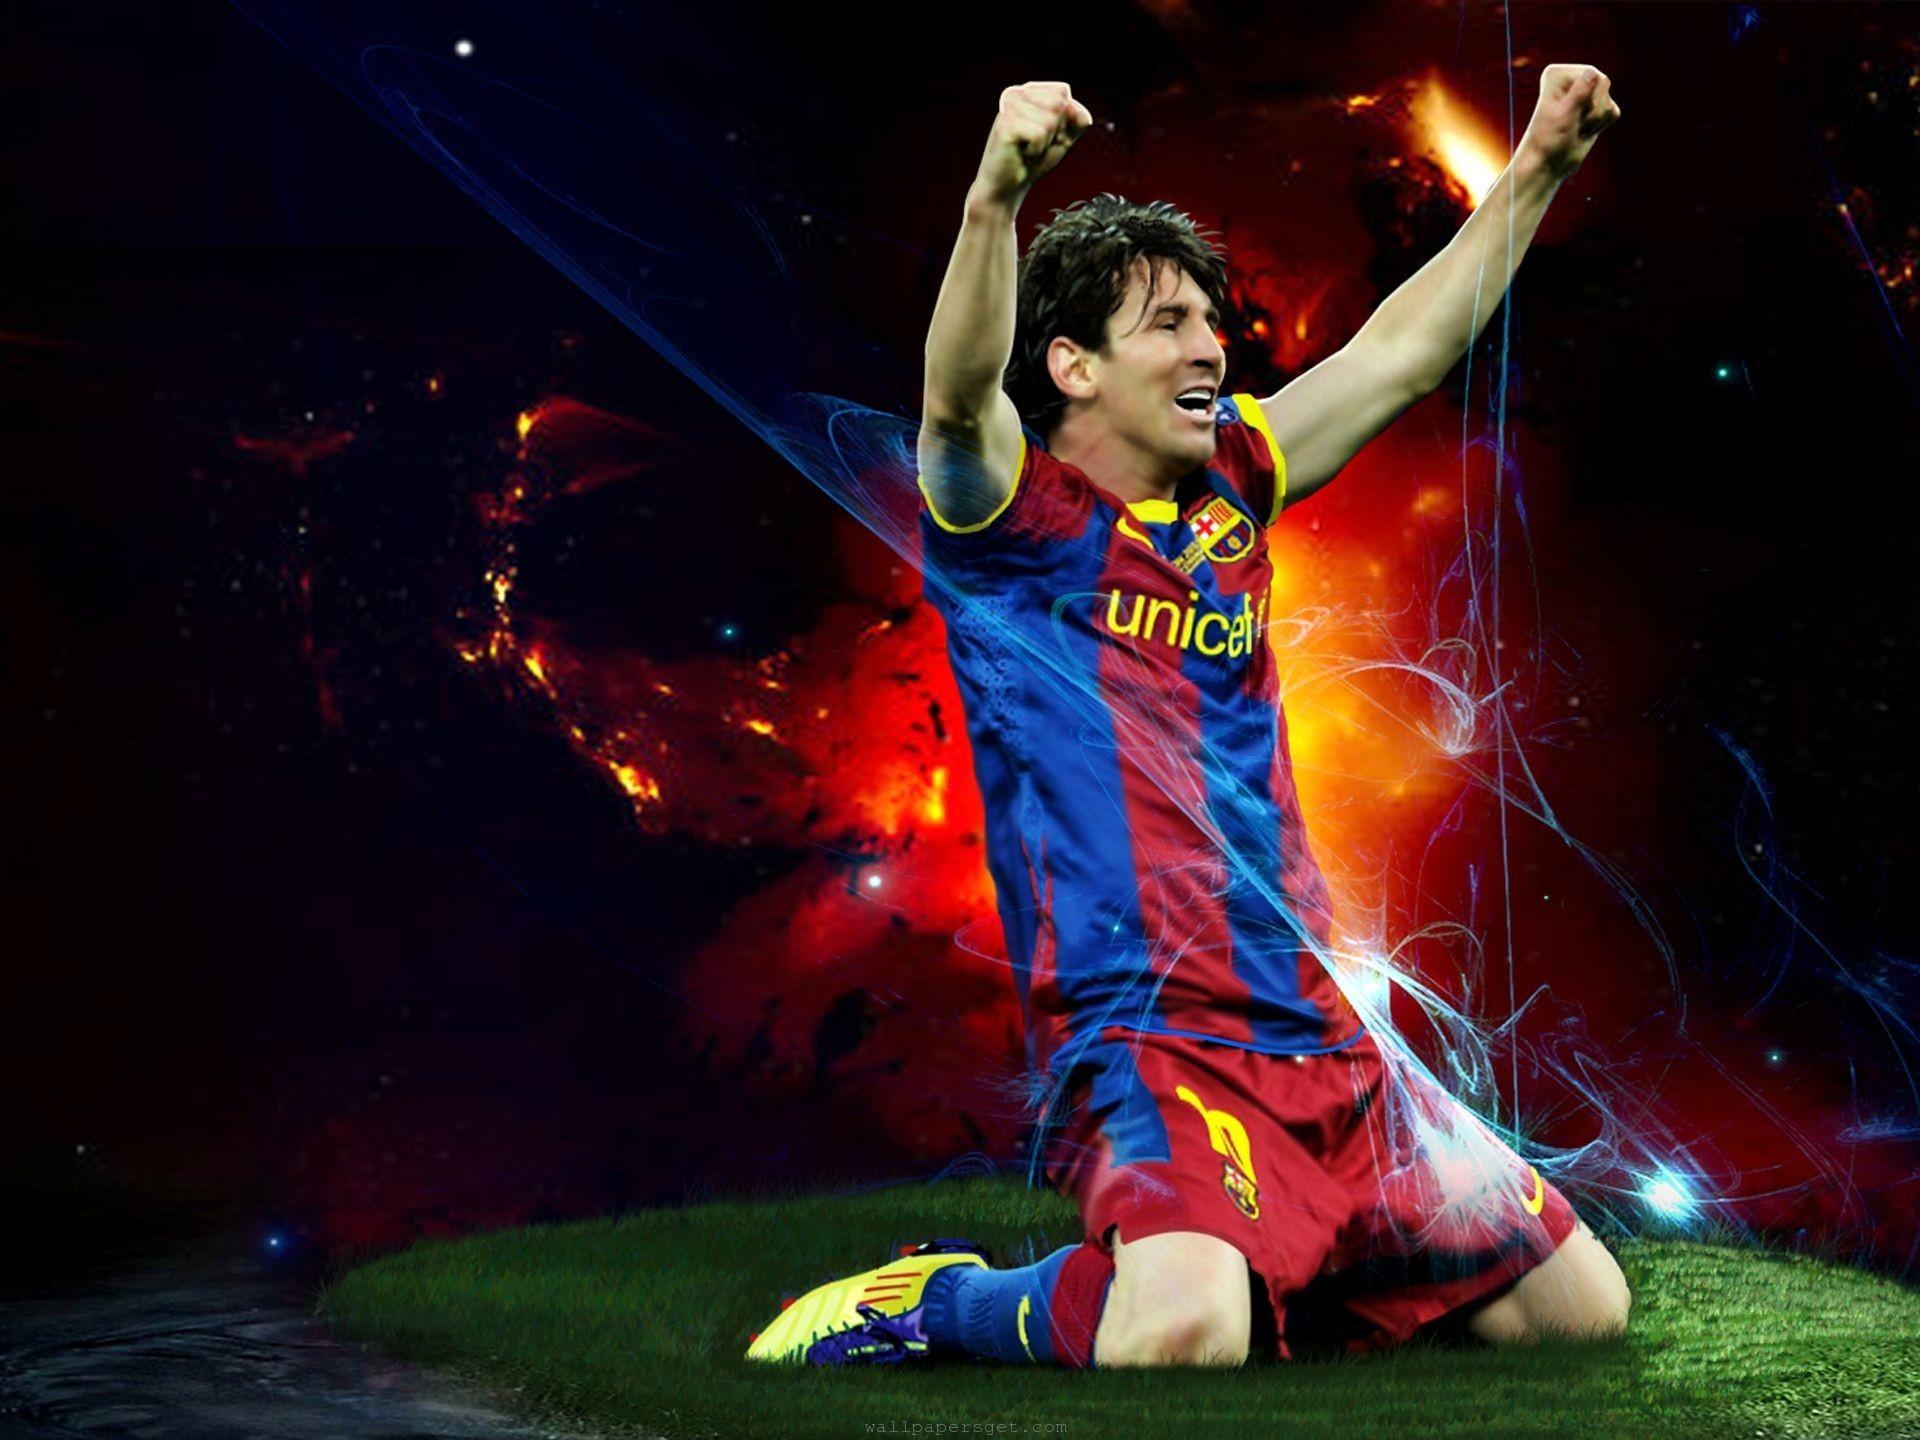 Best Soccer Players Wallpaper - WallpaperSafari